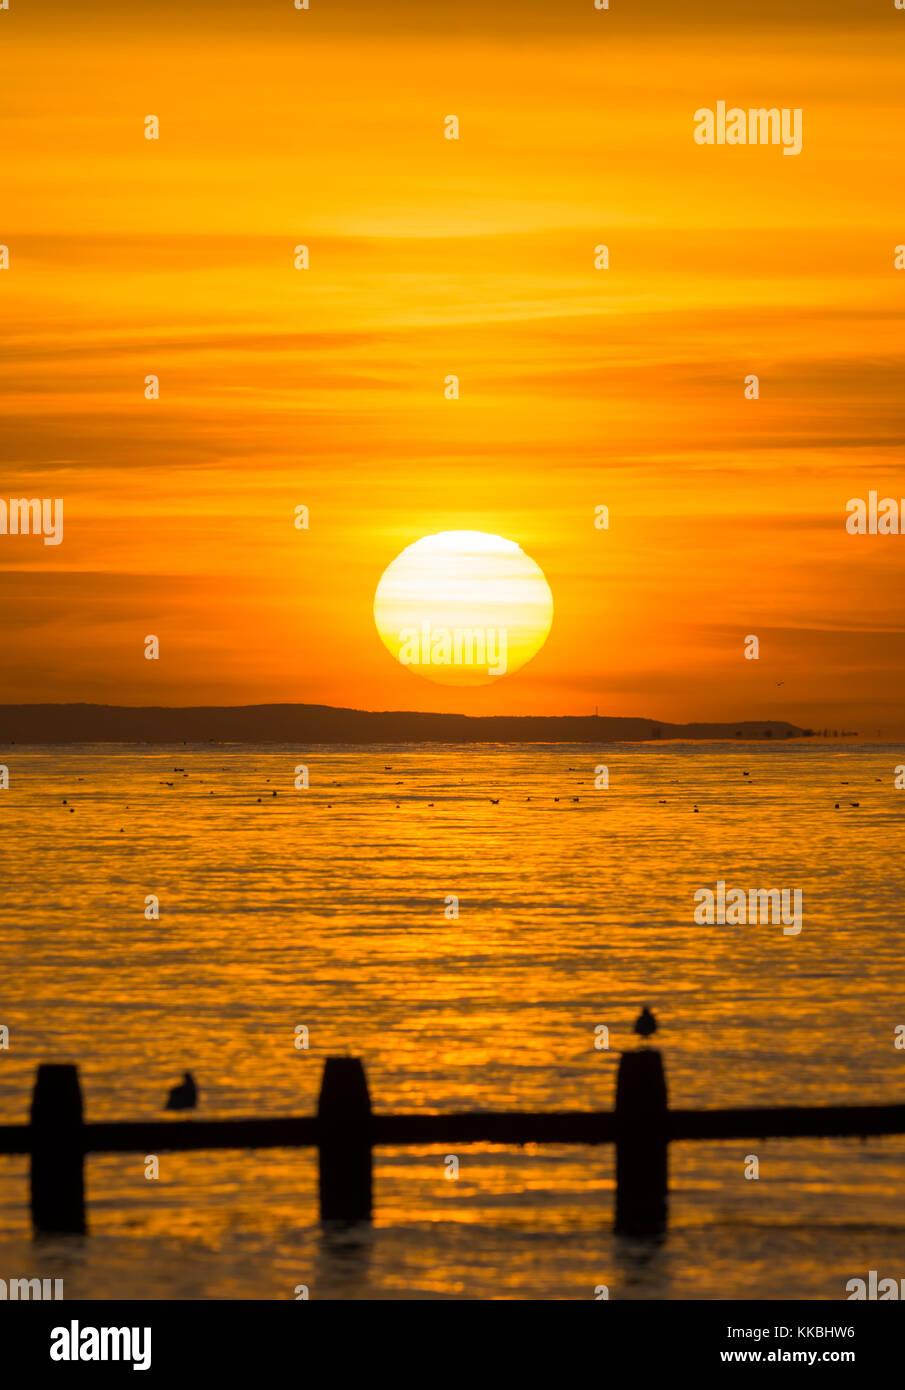 Sonnenuntergang über dem Meer knapp über dem Horizont, auf der britischen Südküste. Stockbild